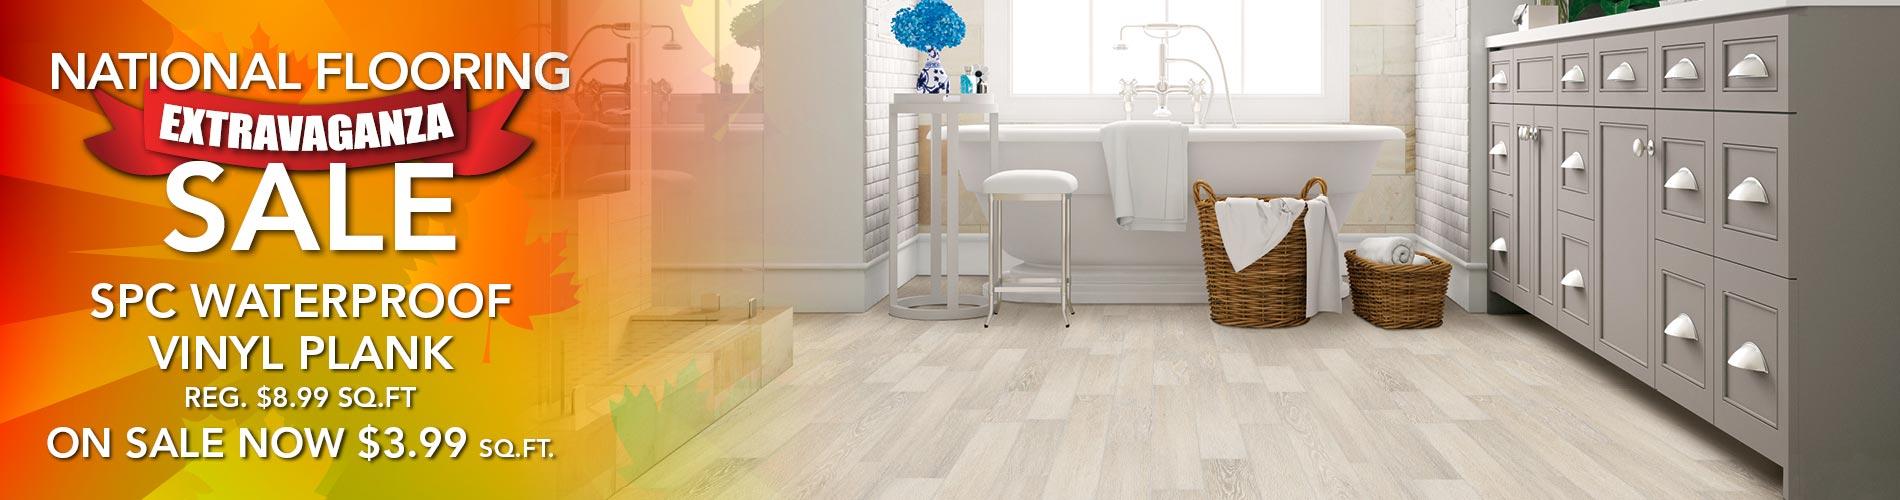 SPC Waterproof Luxury Vinyl Plank flooring starting at $3.99 sq.ft at Fine Floorz